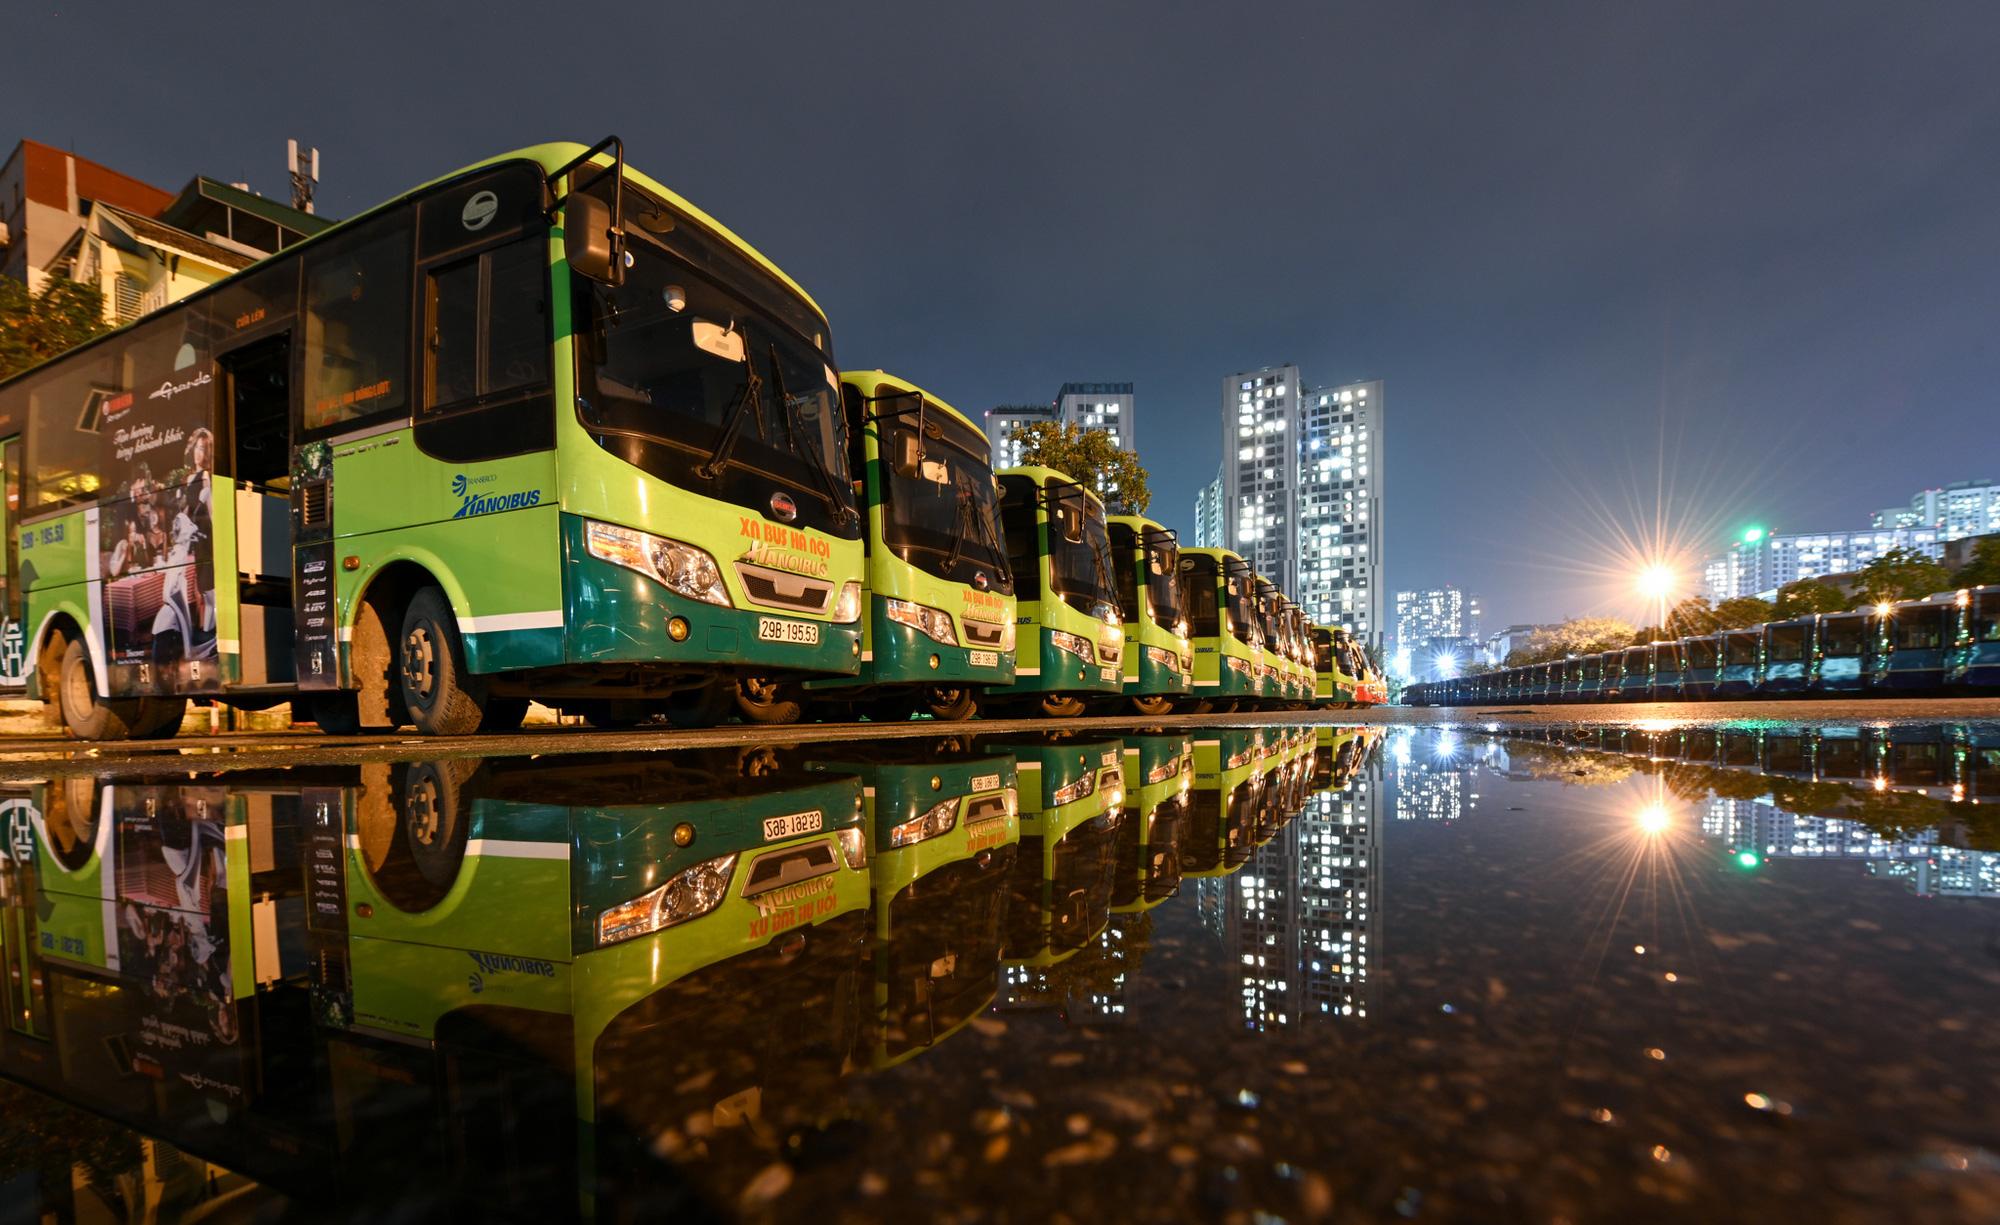 [ẢNH] Vẻ đẹp của gần 200 xe buýt tập kết về bến xếp hàng trong đêm - Ảnh 14.